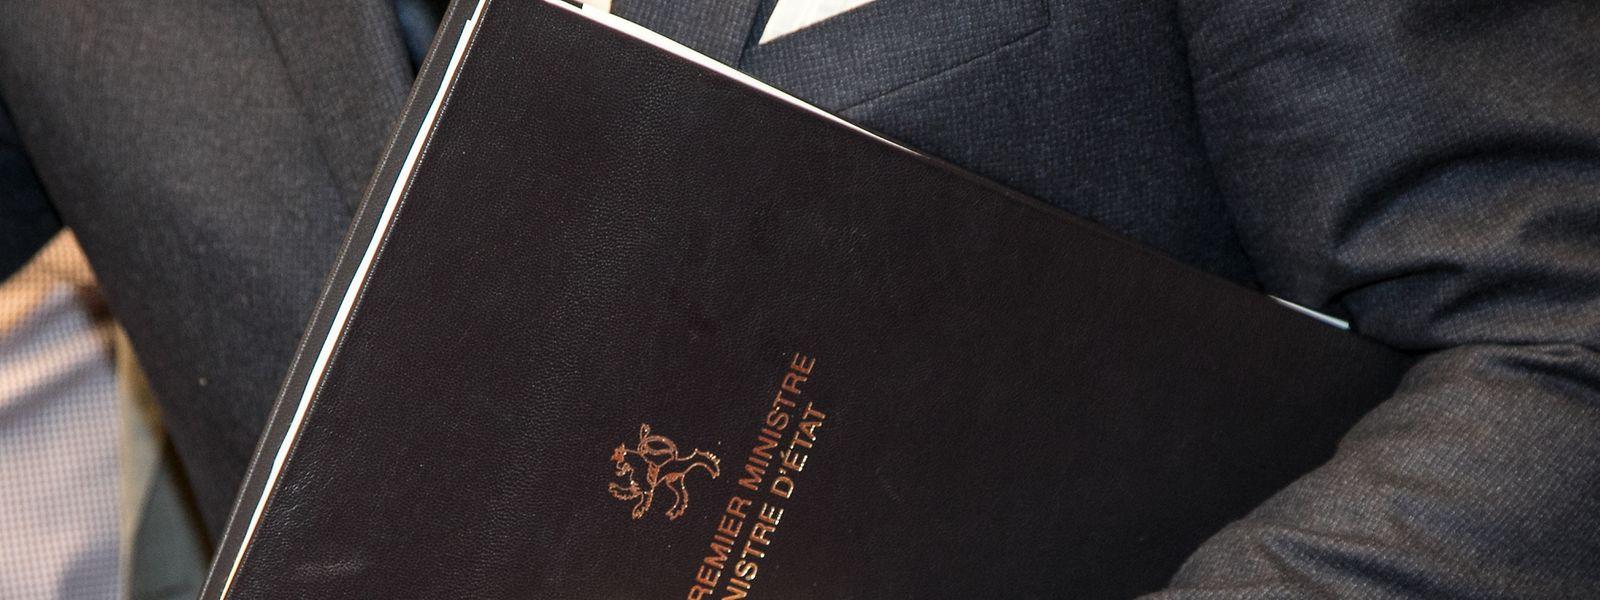 Am Dienstag ist es wieder soweit: Premierminister Xavier Bettel hält im Parlament seine Rede zur Lage der Nation.